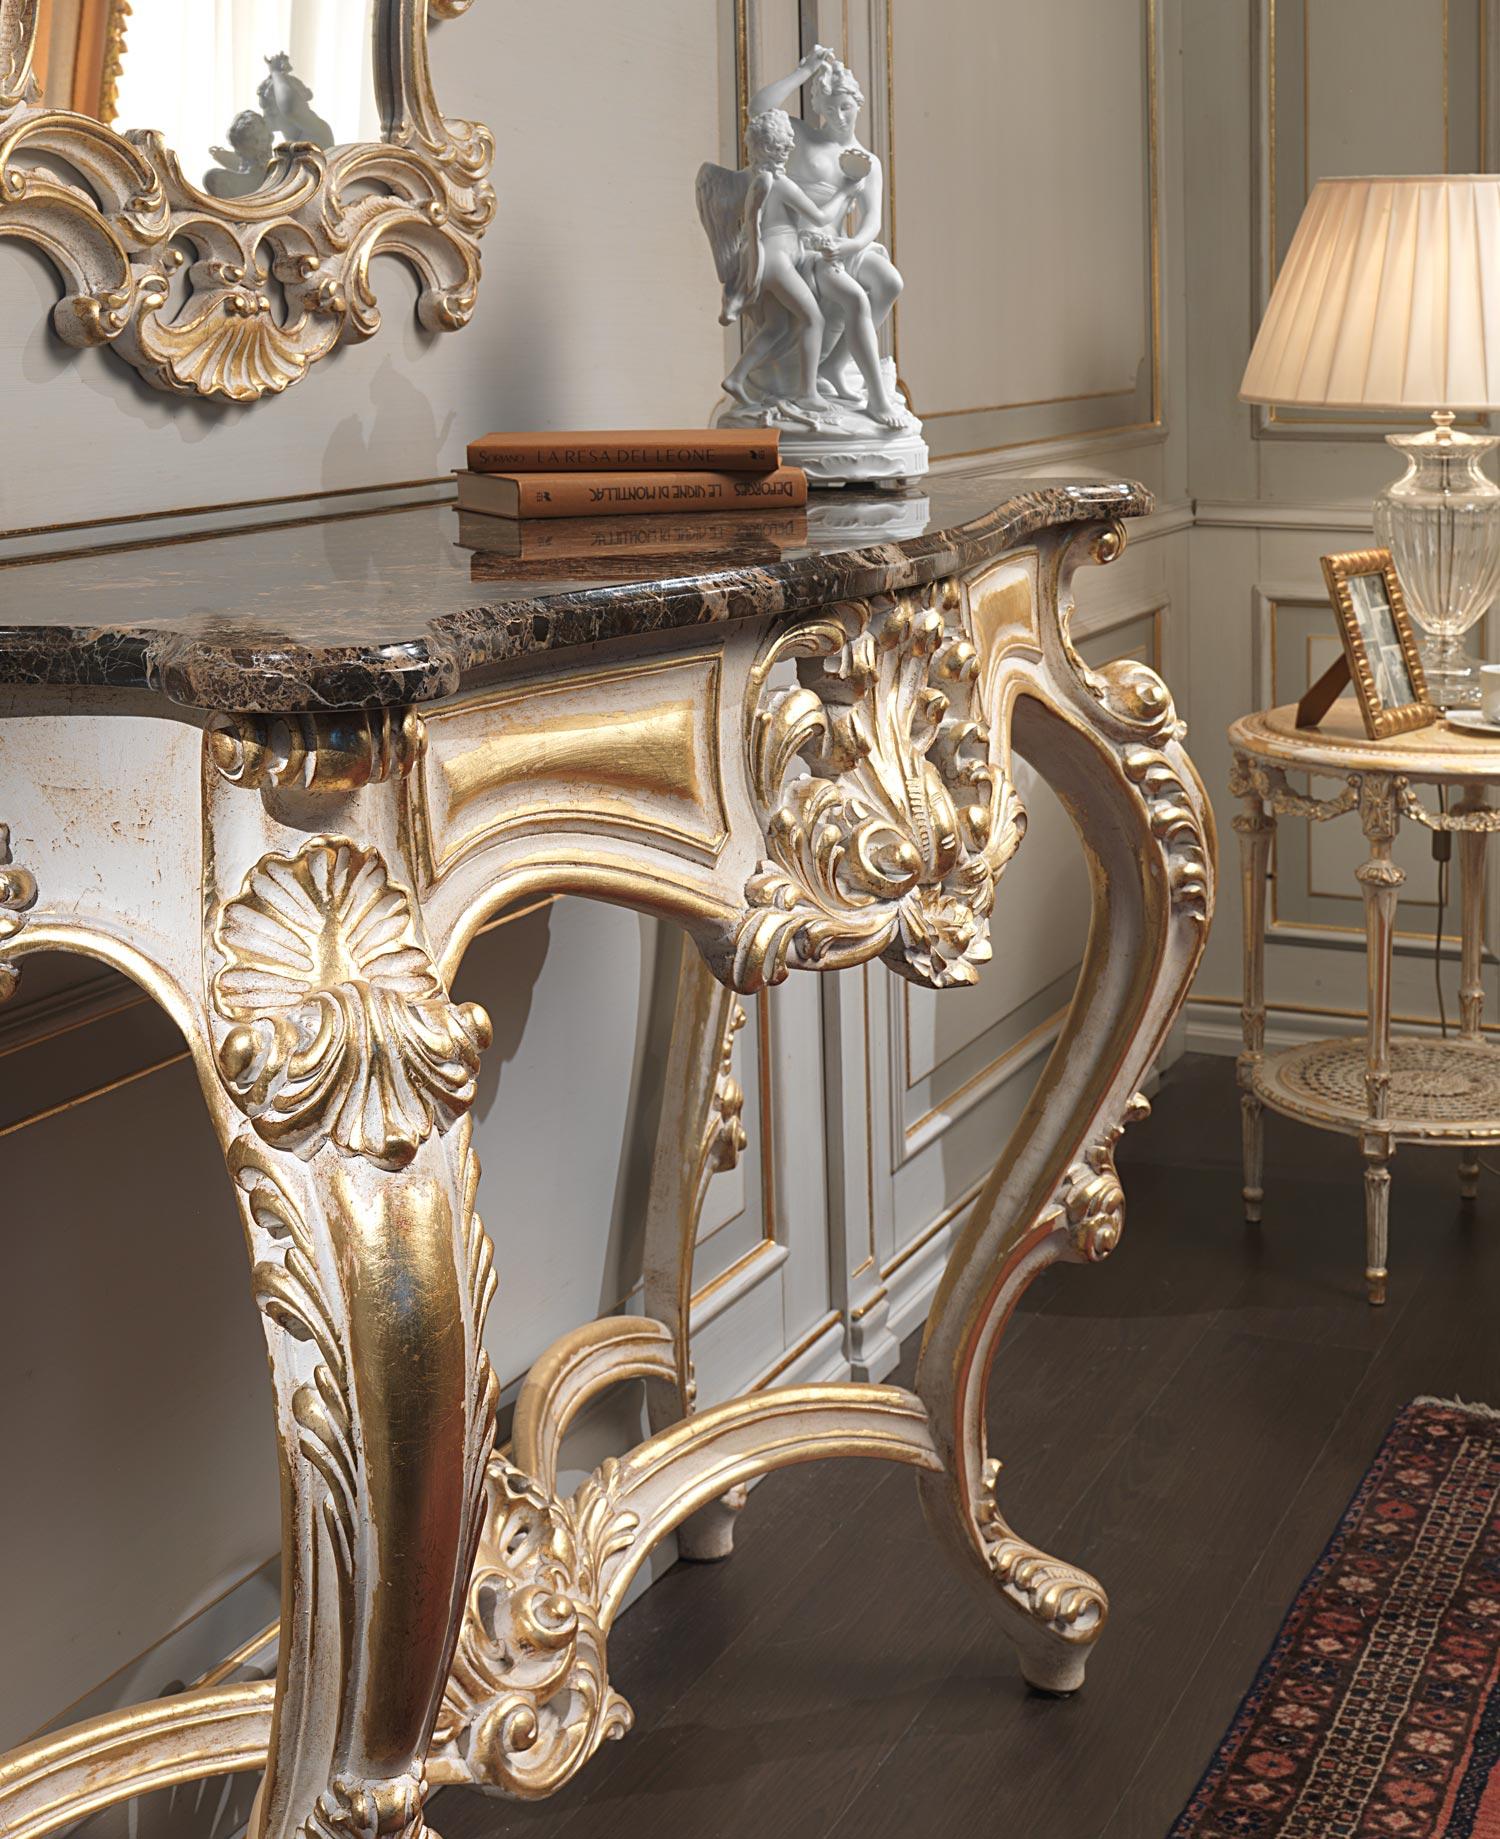 Consolle Classica Intagliata Bianco Su Oro Vimercati Meda #8F653C 1500 1839 Sale Da Pranzo Classiche